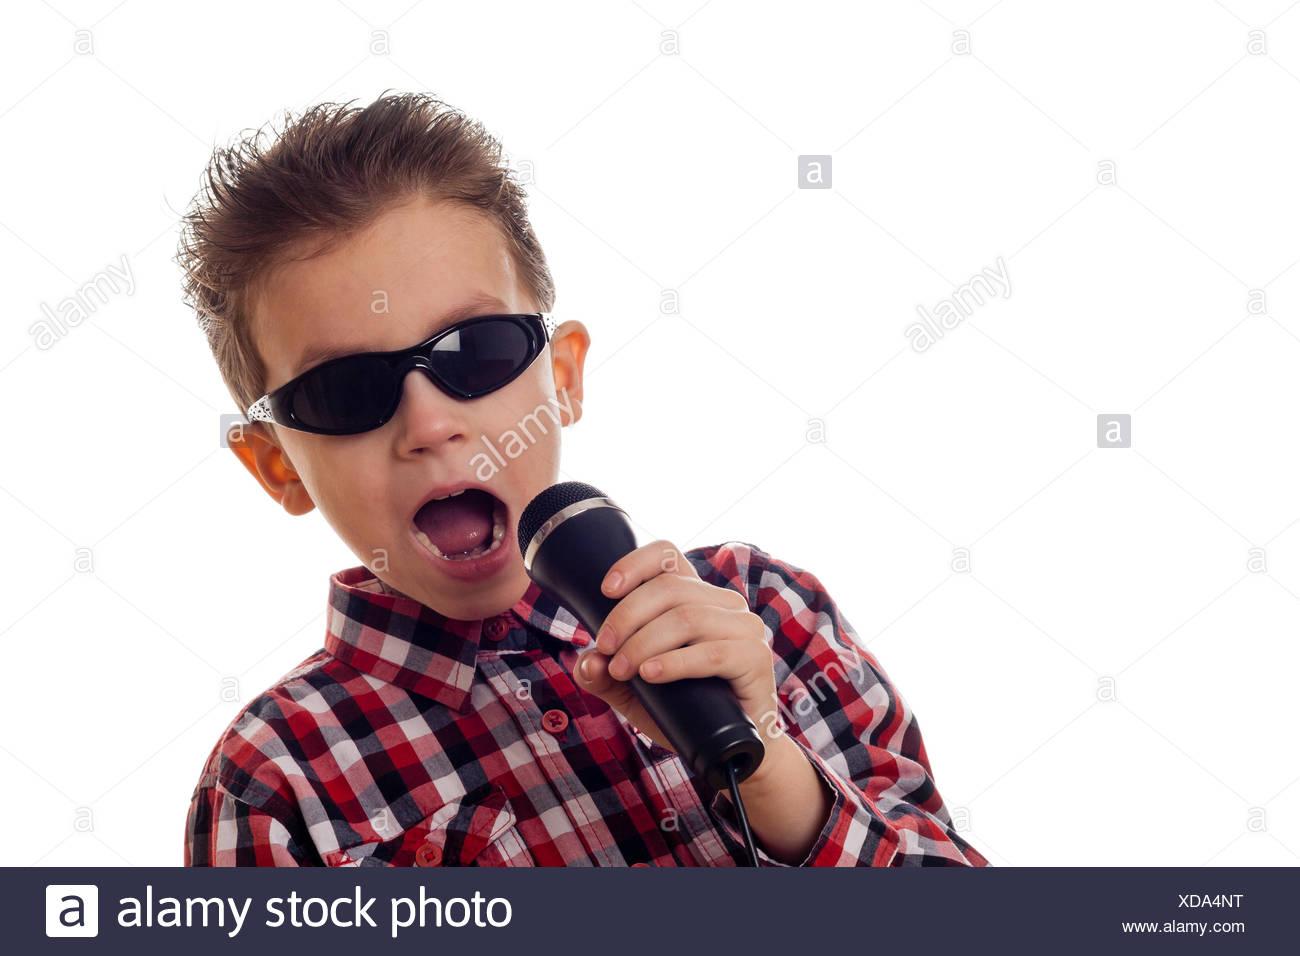 boy singing loud - Stock Image